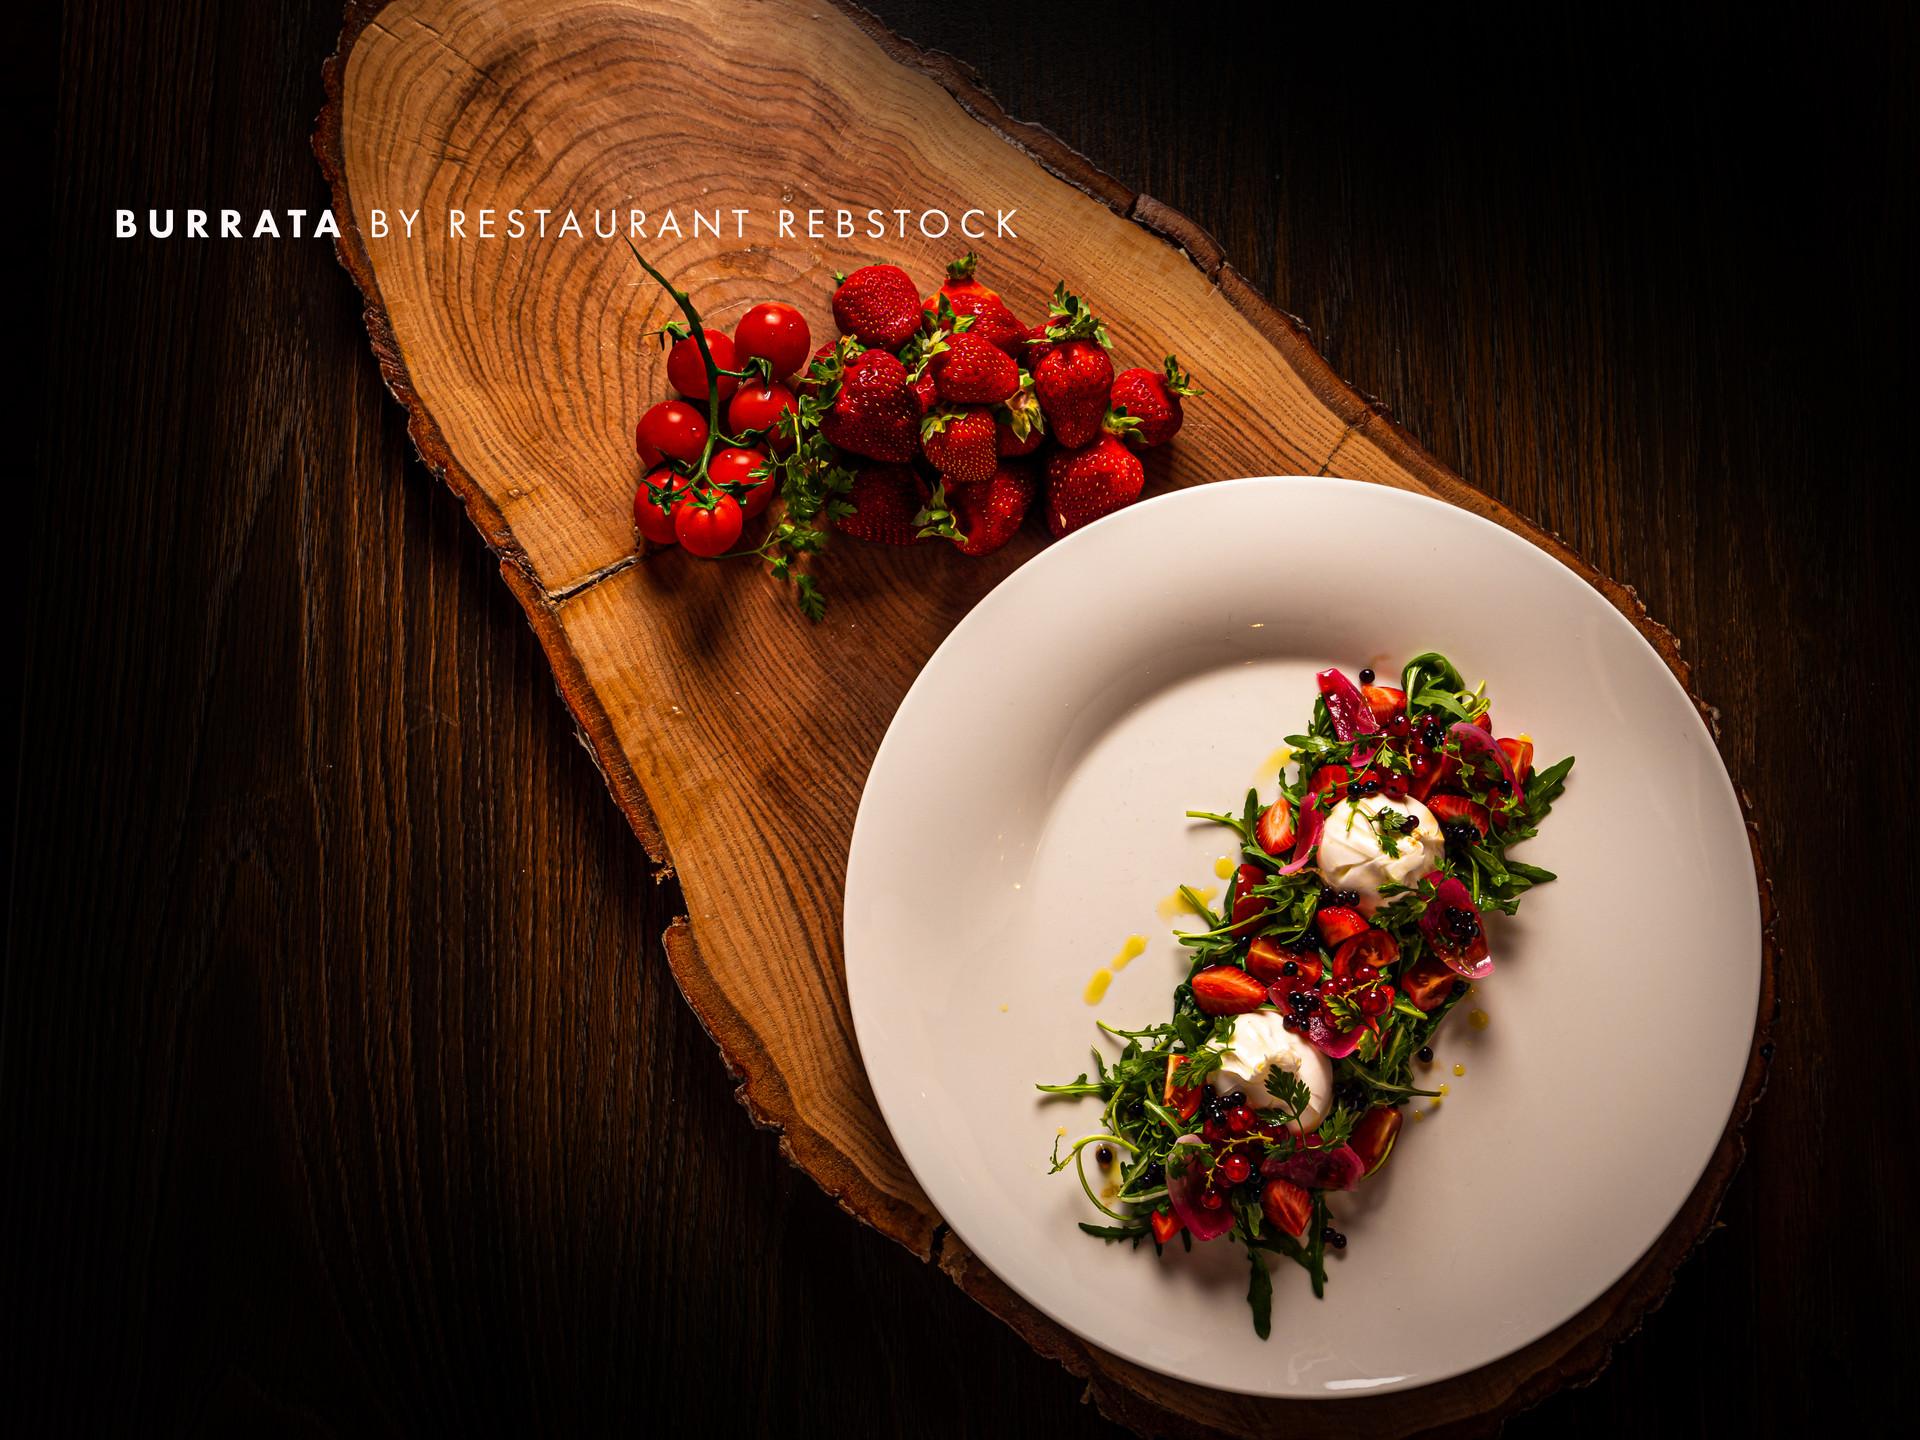 Restaurant_Rebstock_Burrata